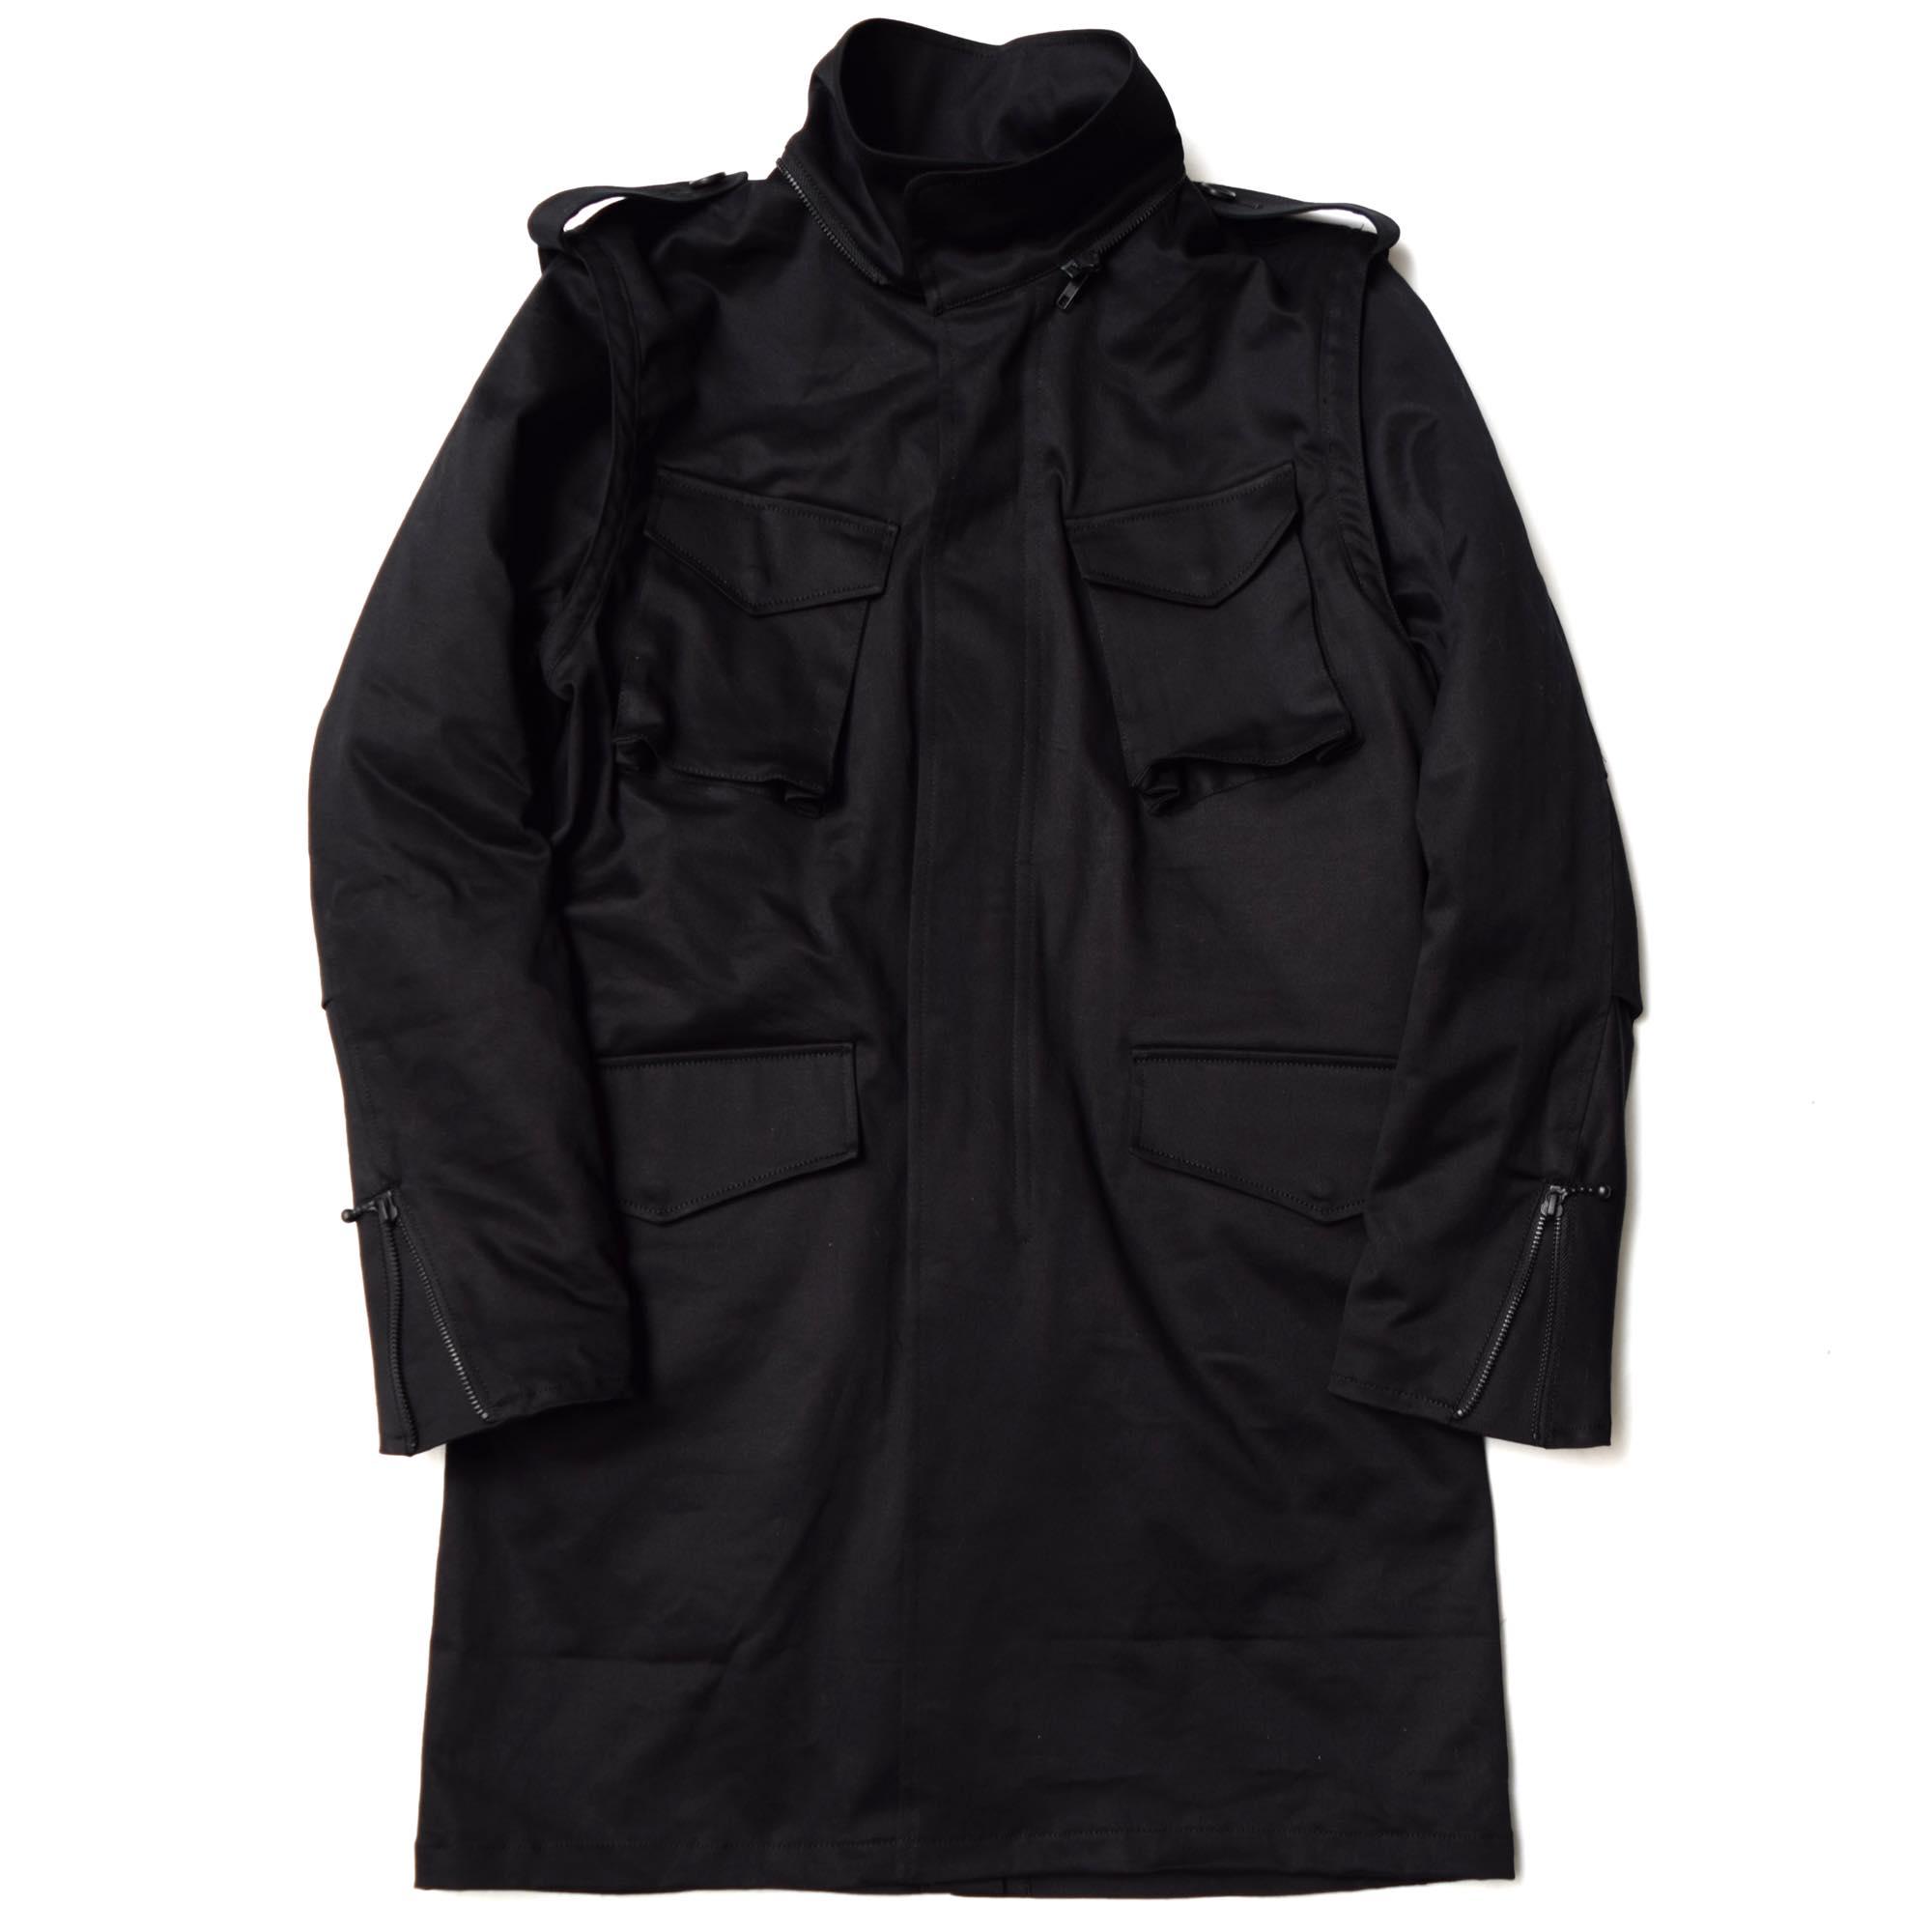 coat_blk002